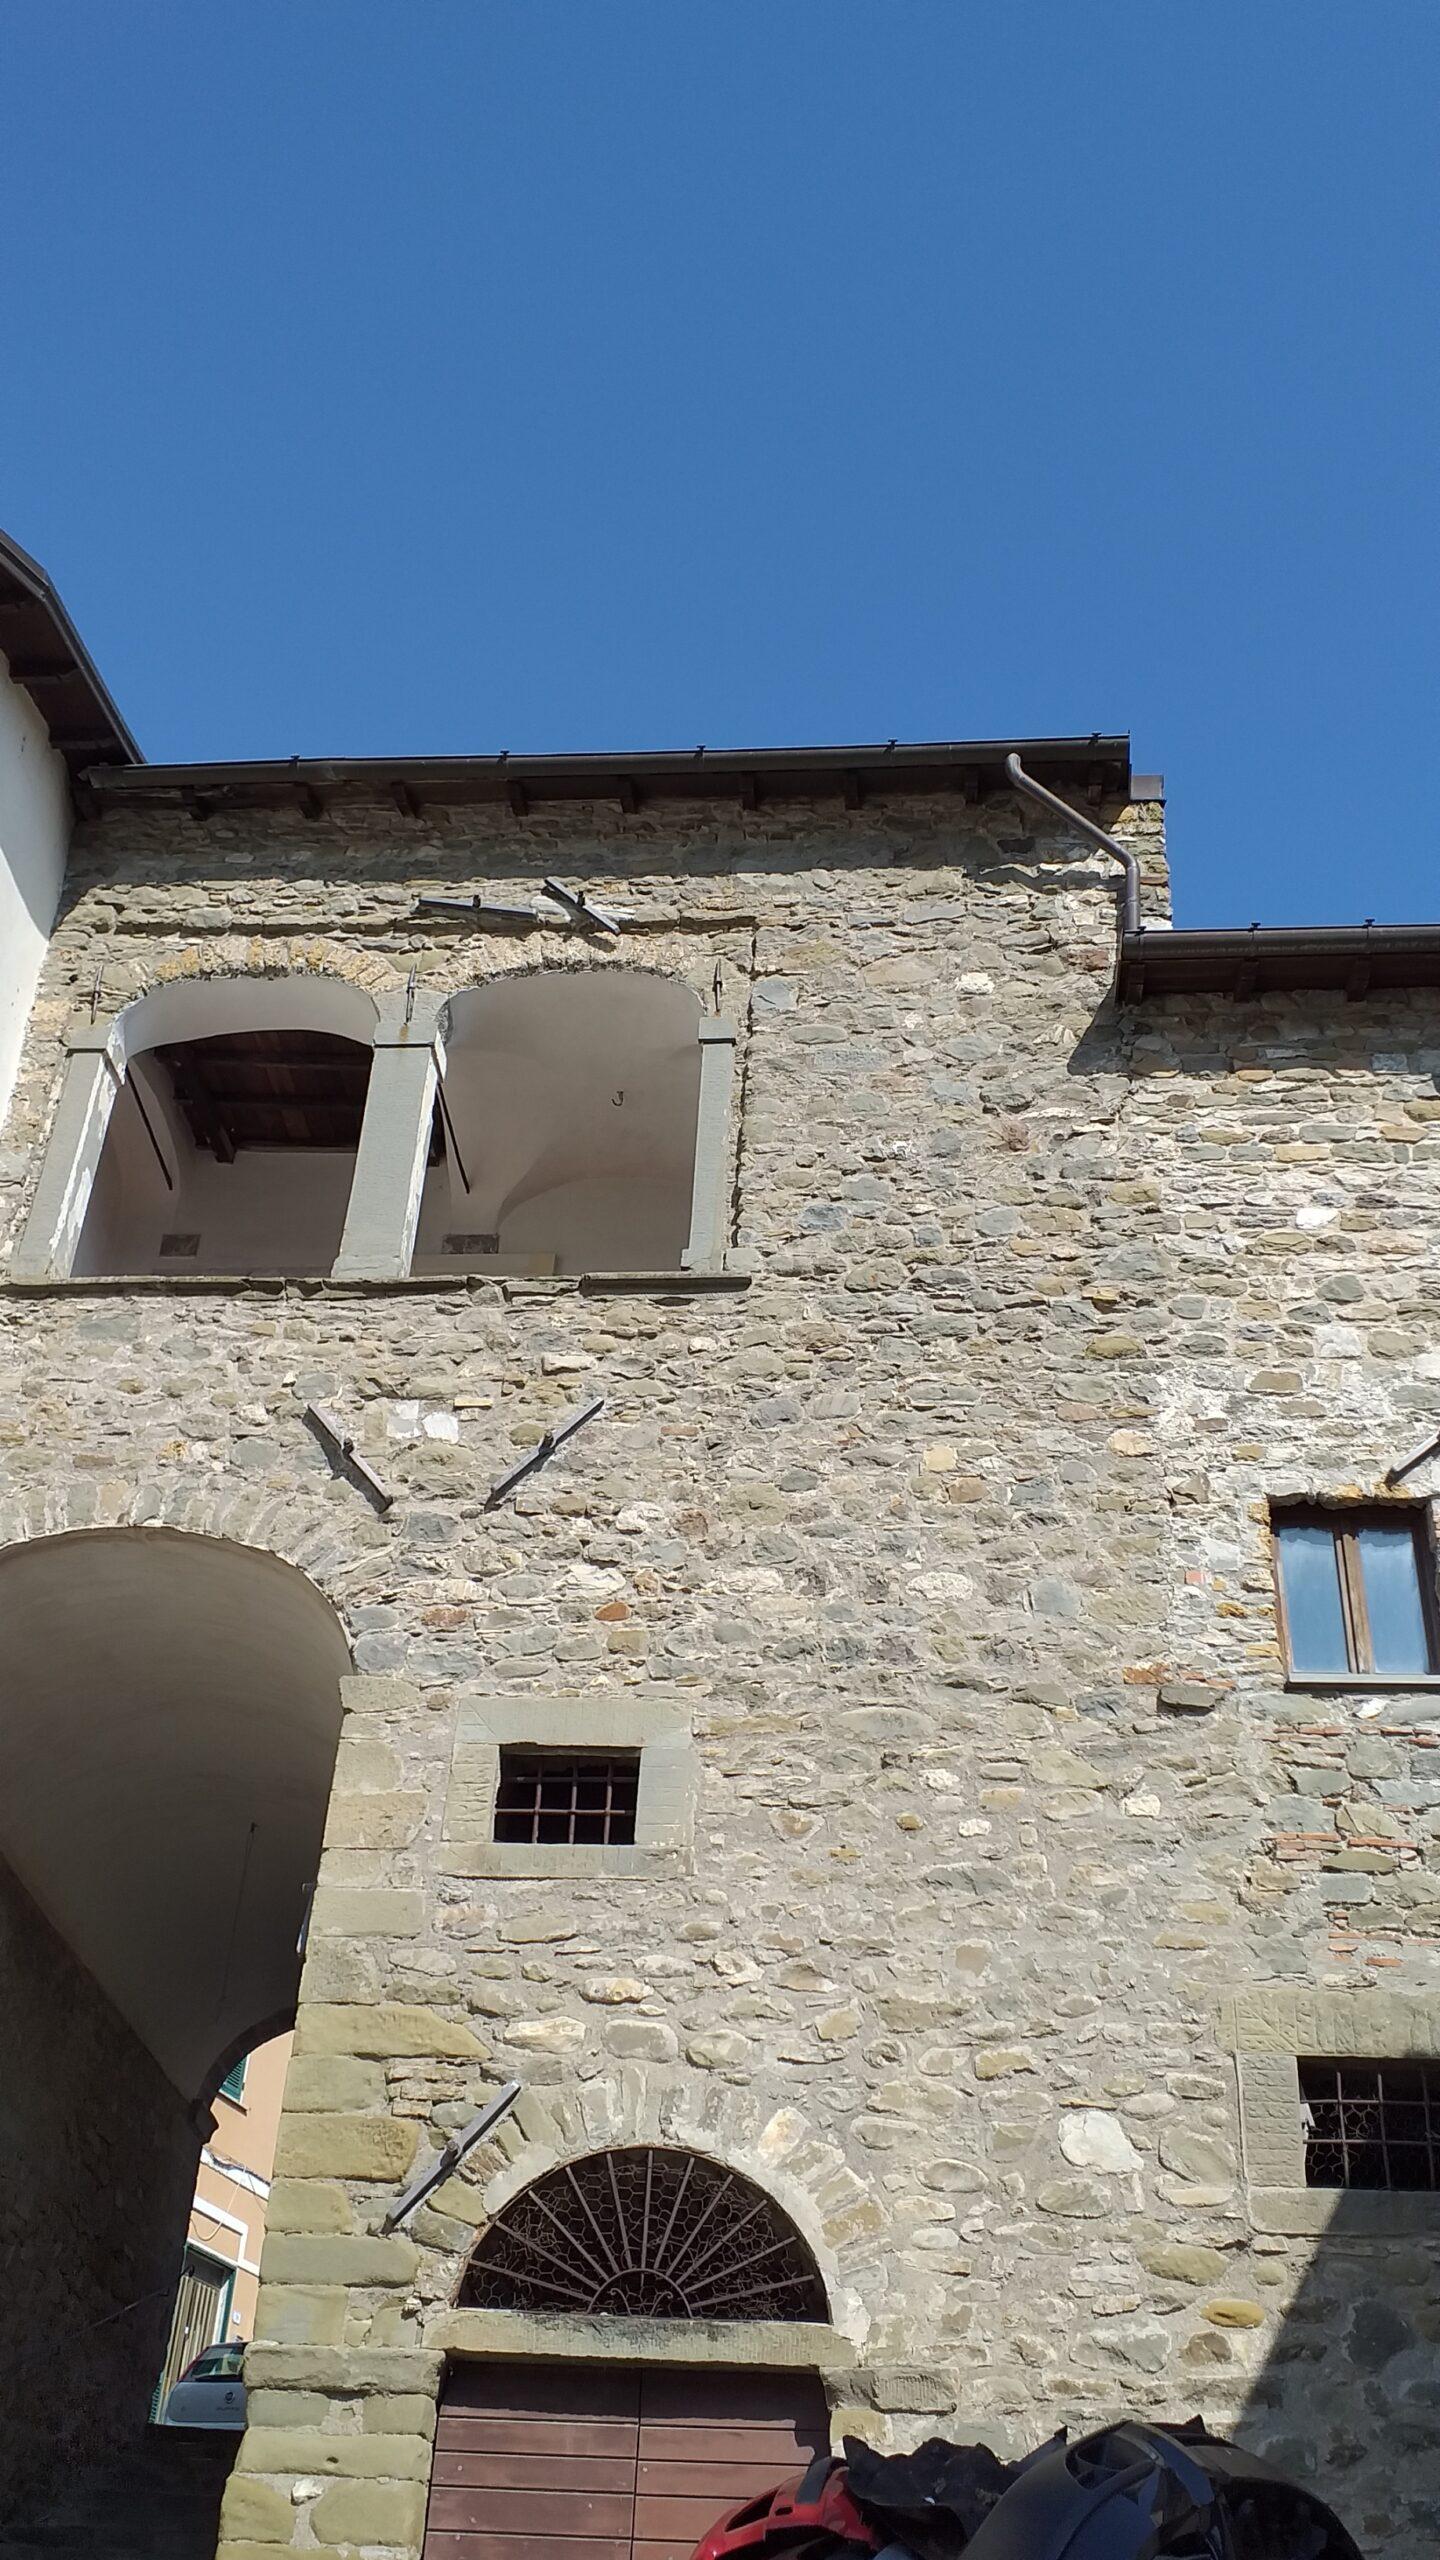 Antico ospedaletto medioevale. Un sogno di storia Toscana. 2304